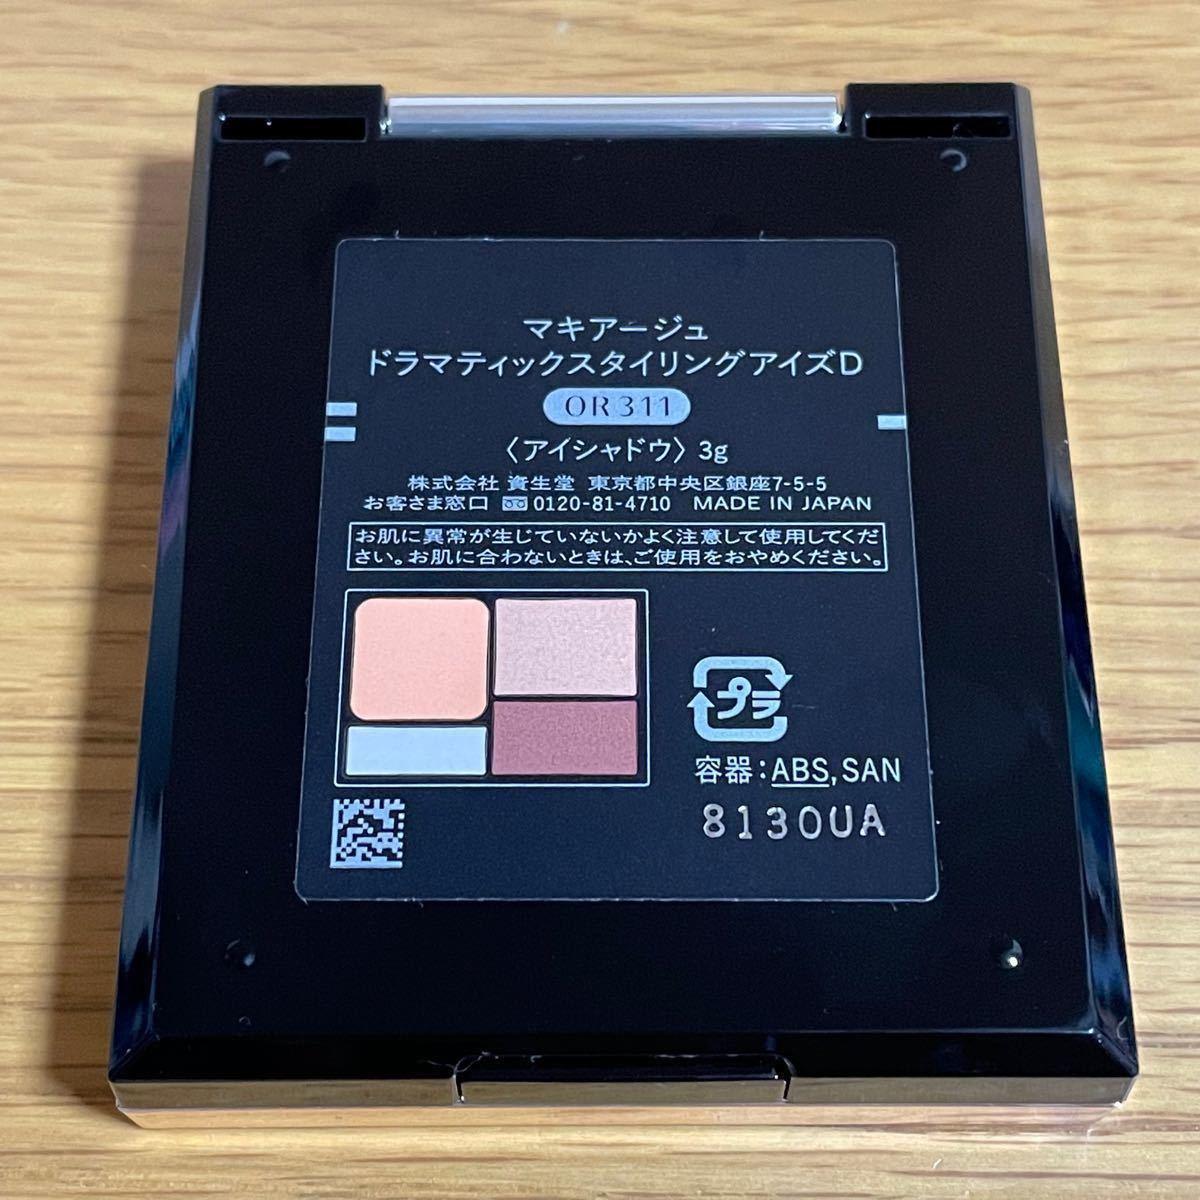 マキアージュ ドラマティックスタイリングアイズD OR311 オランジェット